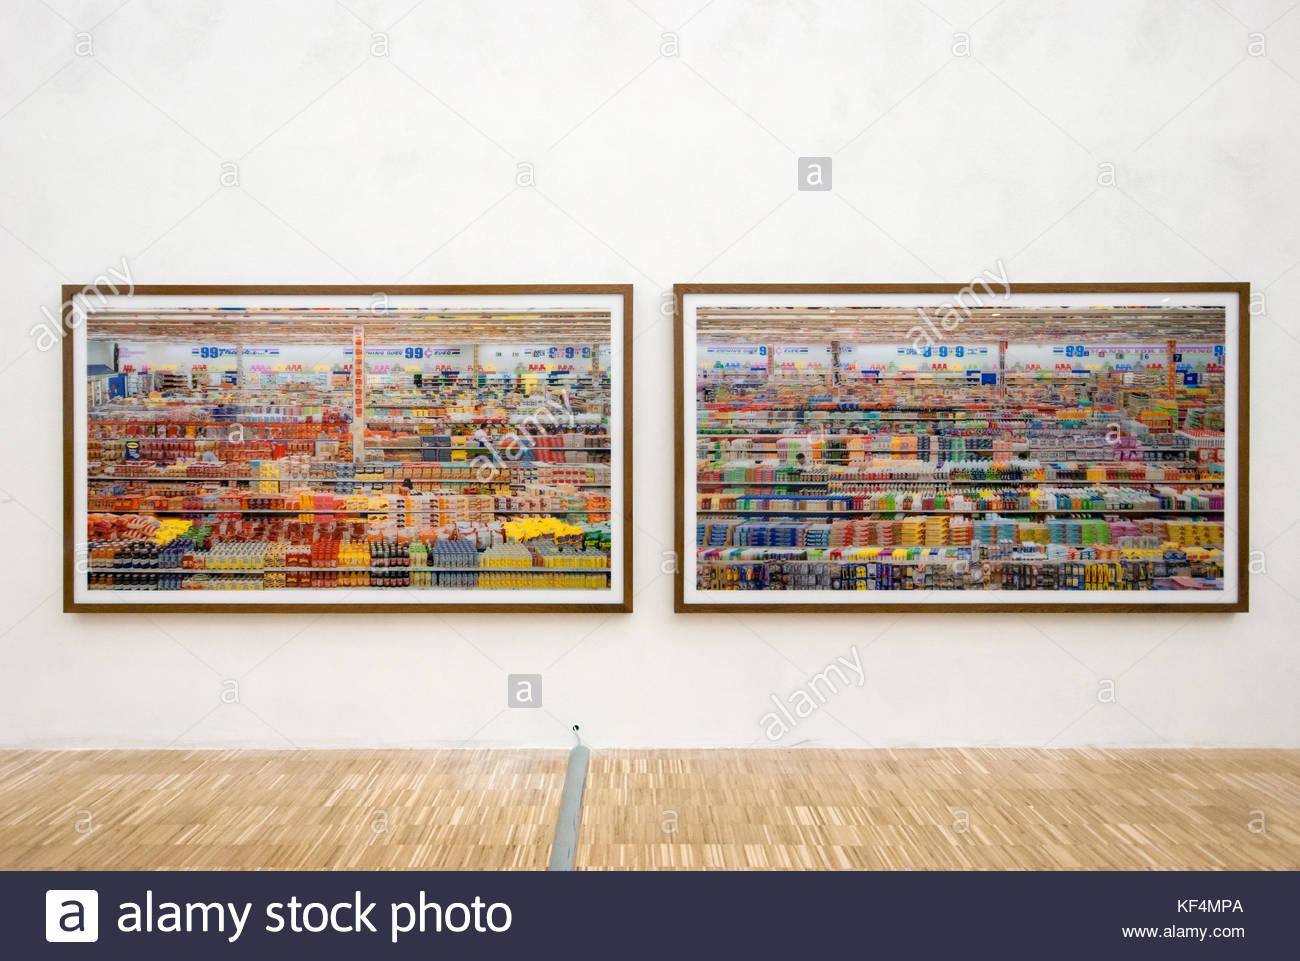 Andreas Gursky 99 Cent Ii Diptychon Photographies Grand Format C Print Monts Sur Verre Acrylique 1999 De Lart Et Lexposition Des Aliments